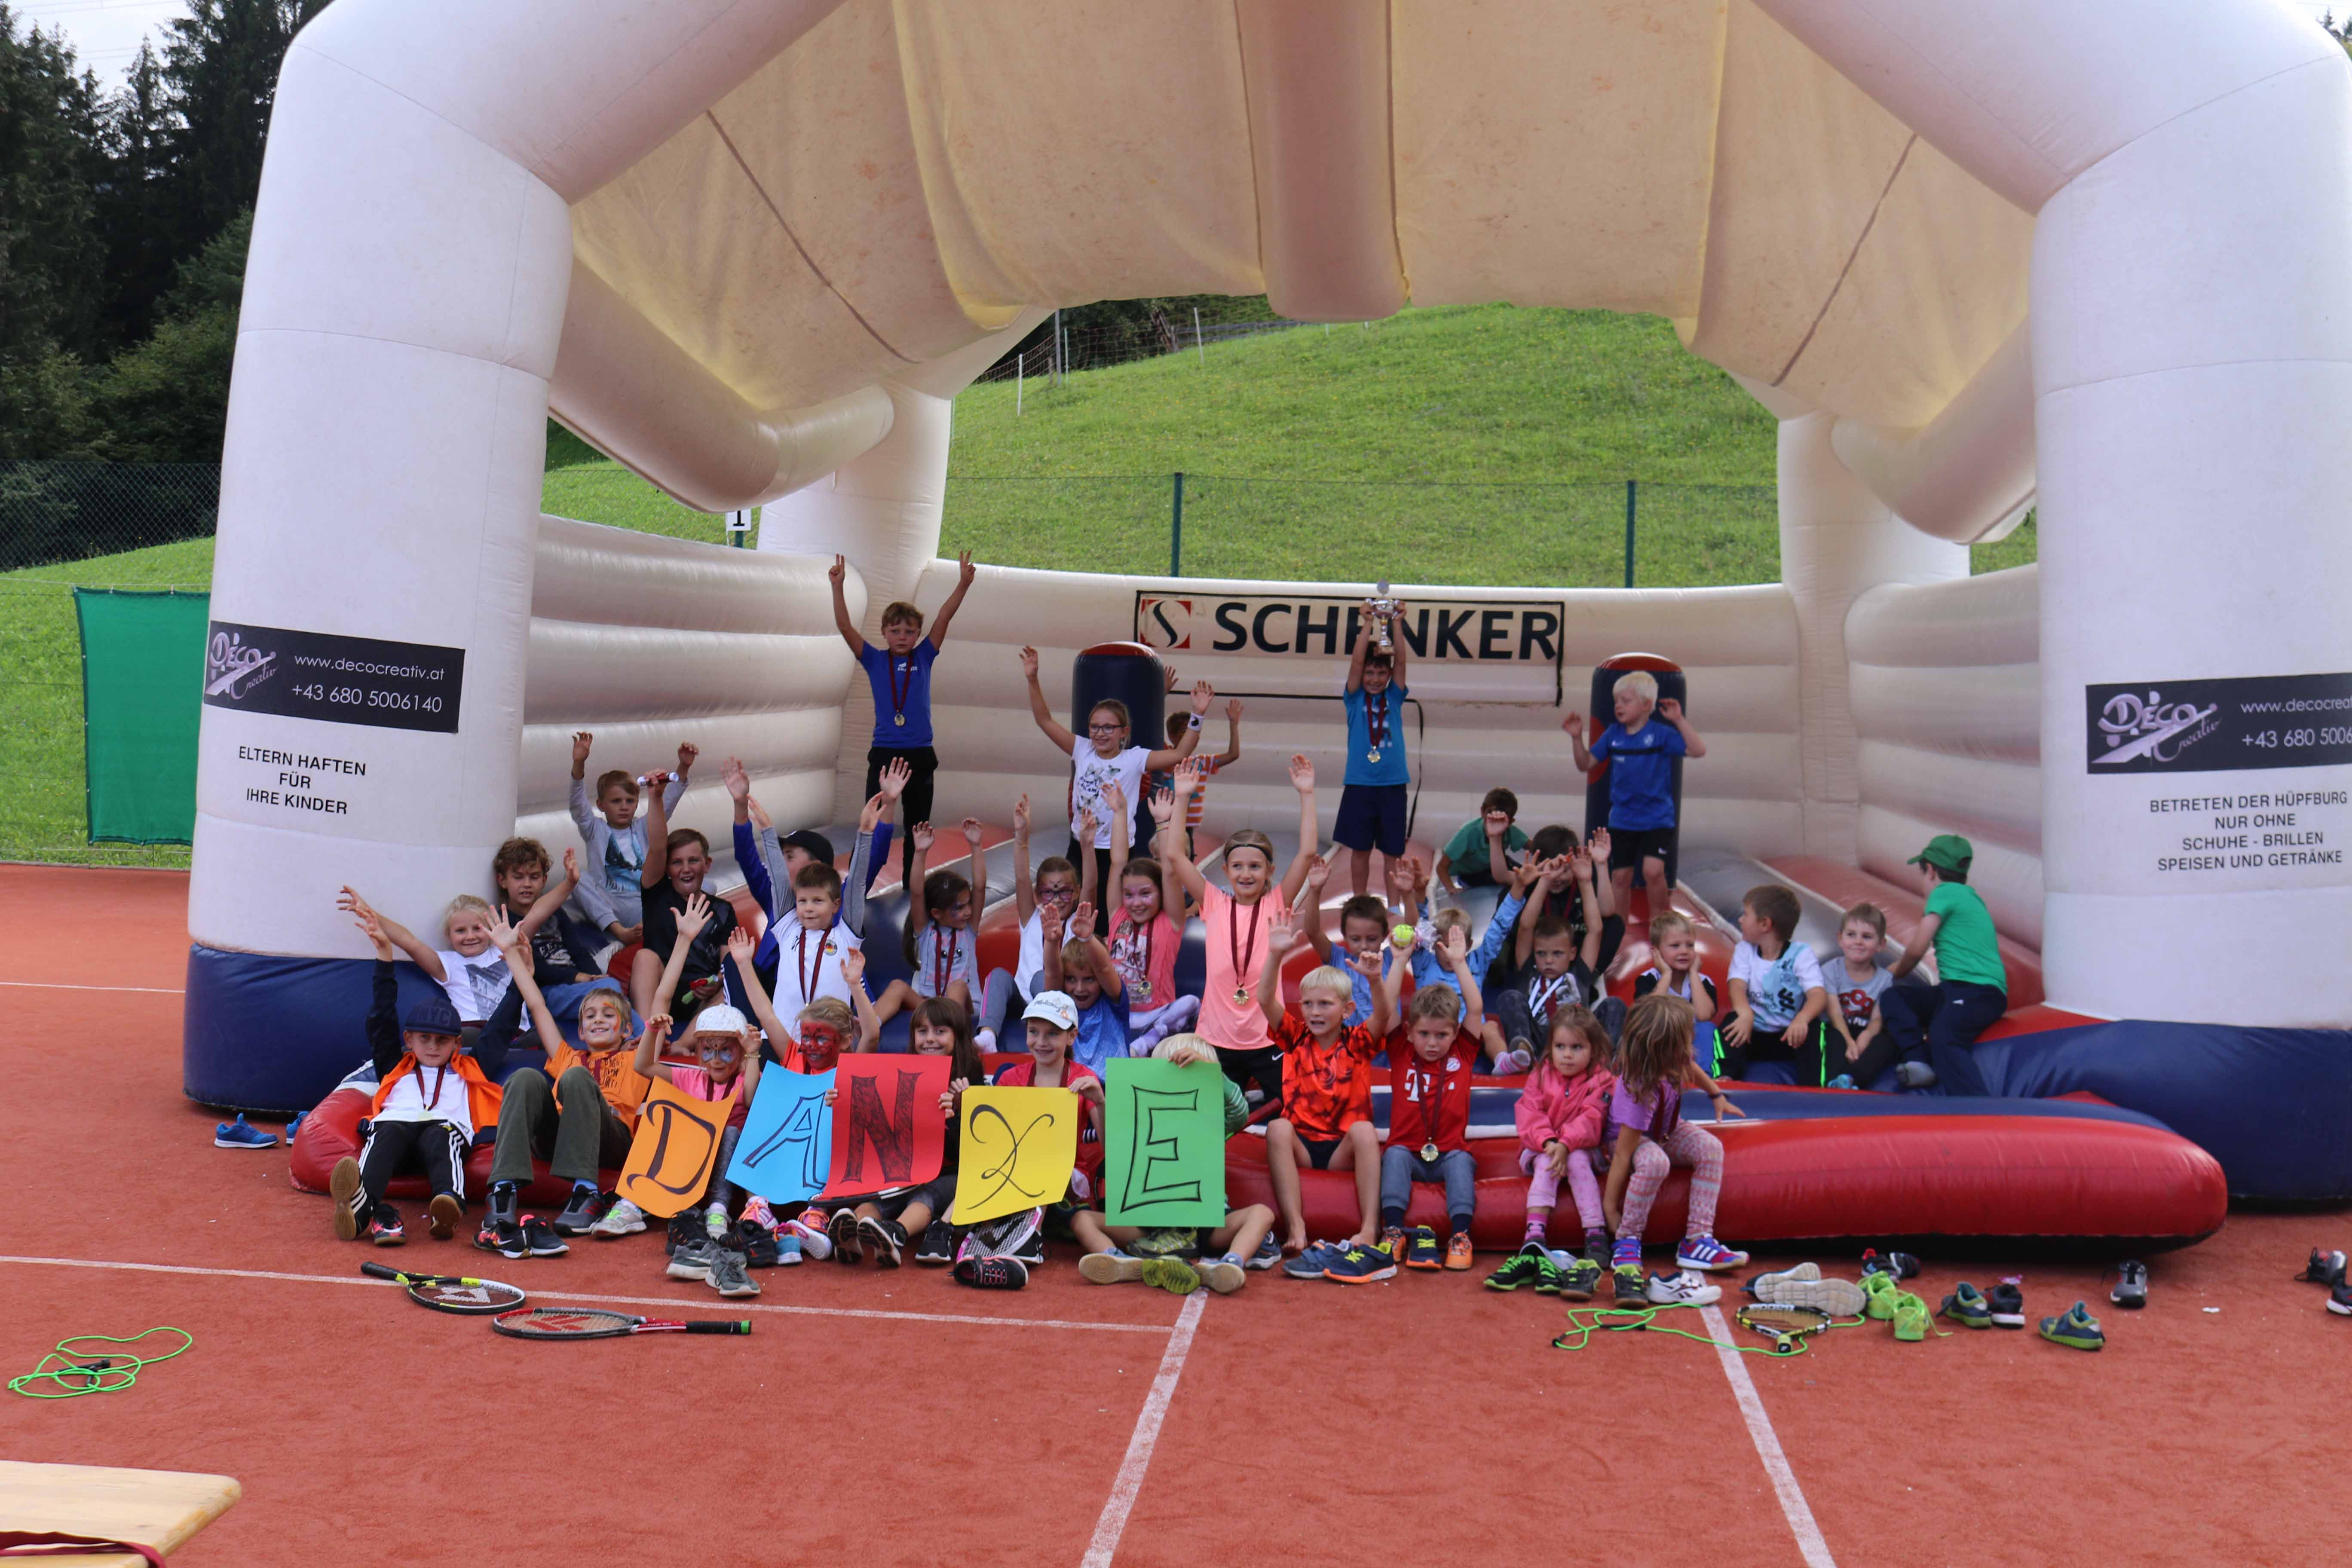 SVO-Tennis » Kidsturnier brachte Kinderaugen zum Strahlen…